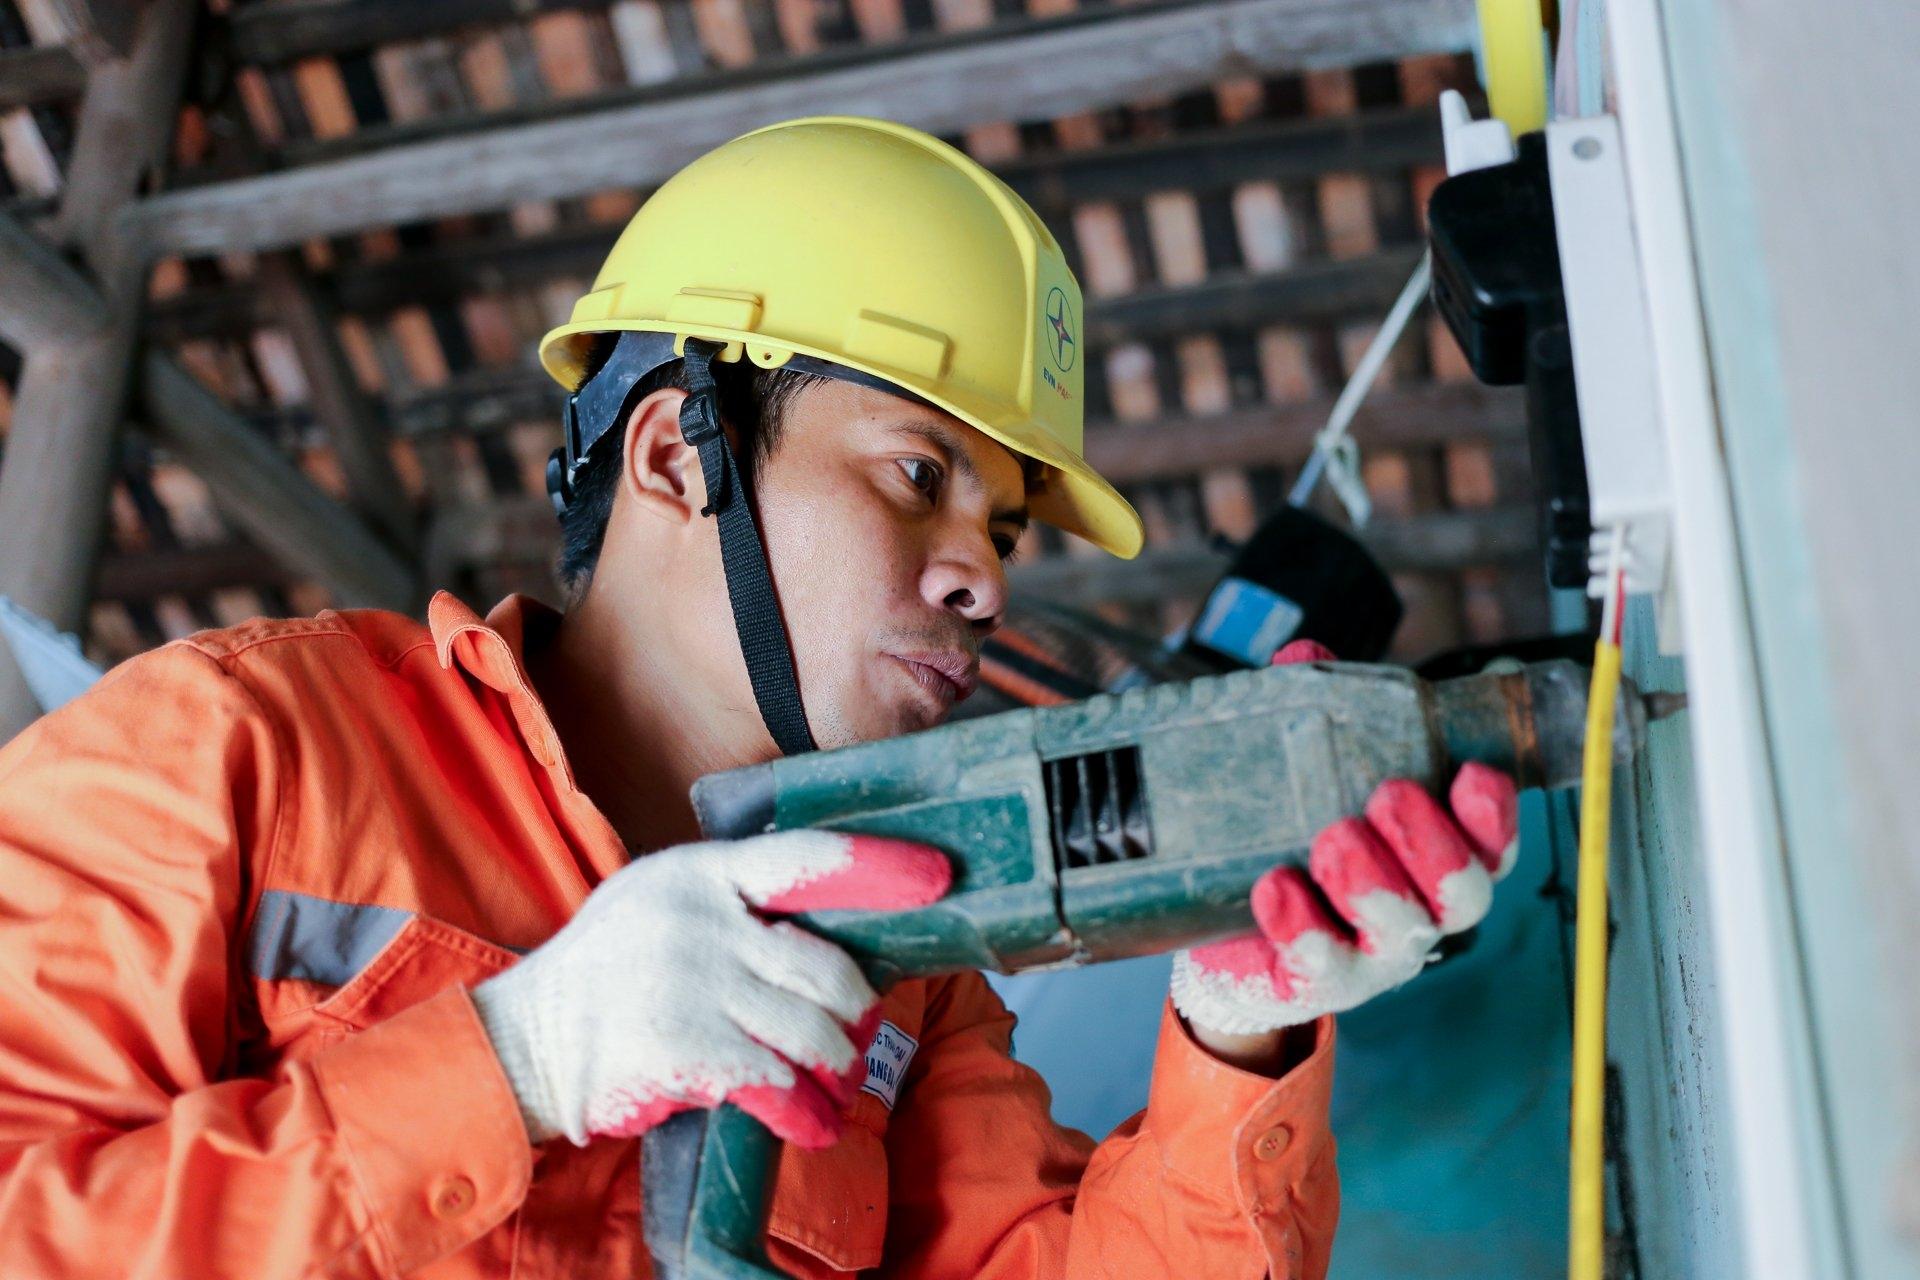 EVNHANOI sửa chữa, lắp đặt hệ thống điện cho 100% hộ nghèo thuộc huyện Thanh Oai